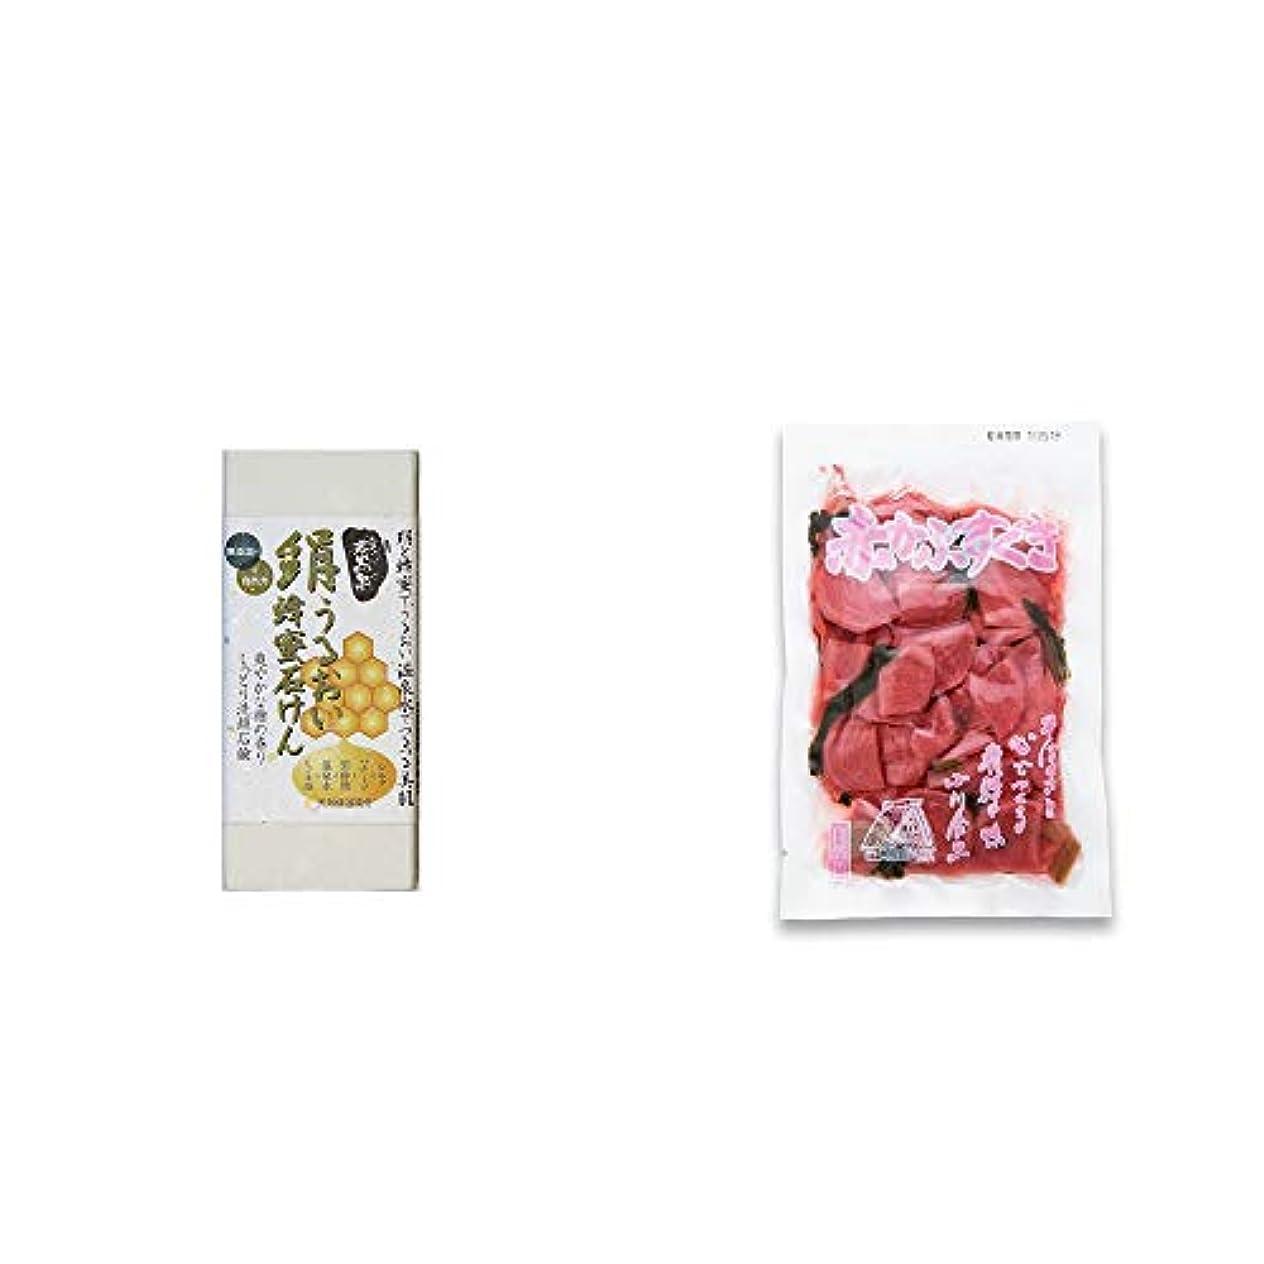 考える舗装裏切り[2点セット] ひのき炭黒泉 絹うるおい蜂蜜石けん(75g×2)?赤かぶすぐき(160g)